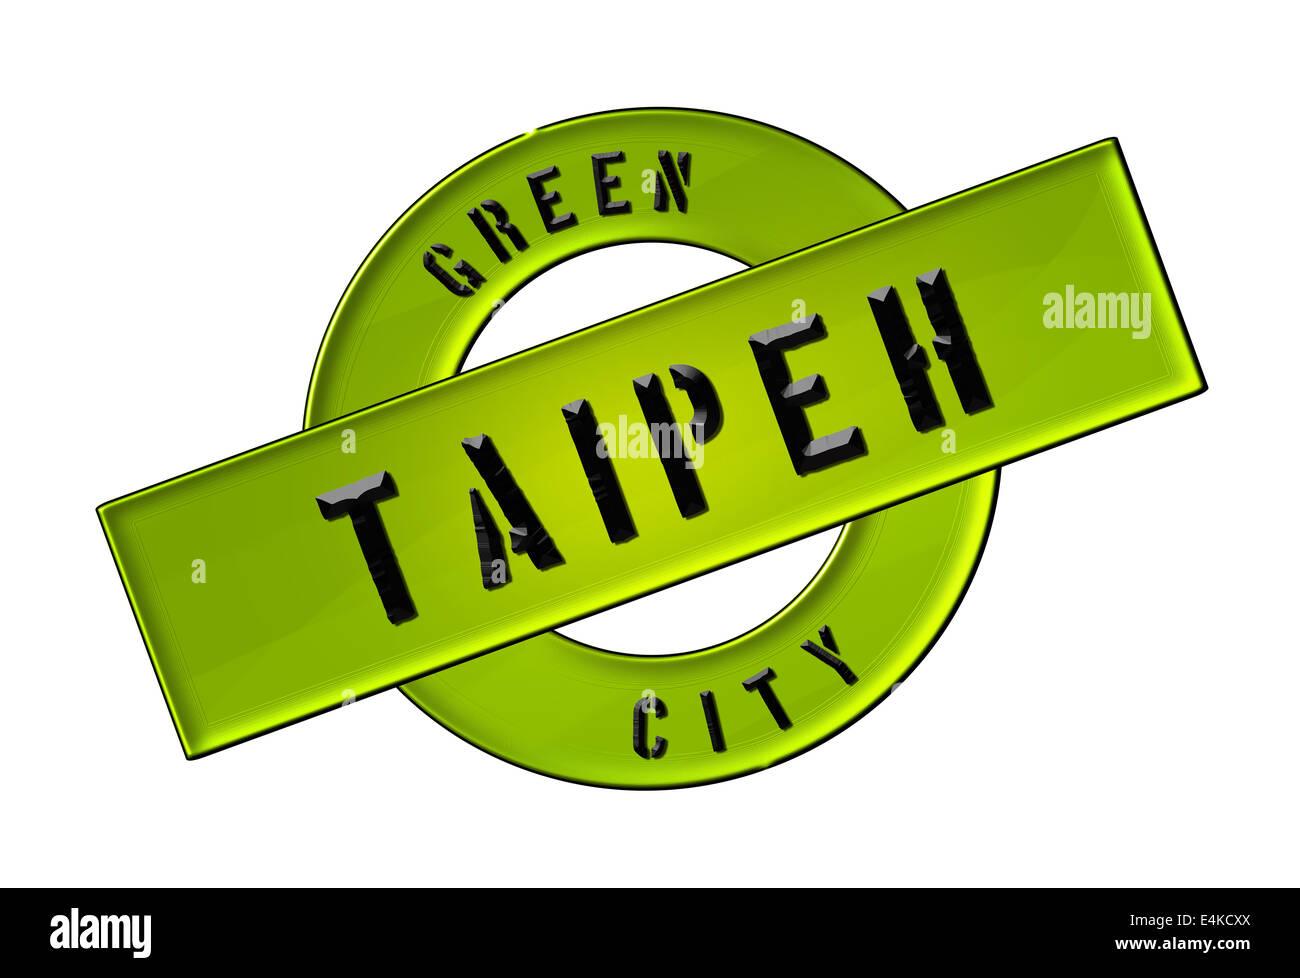 GREEN CITY TAIPEH - Stock Image